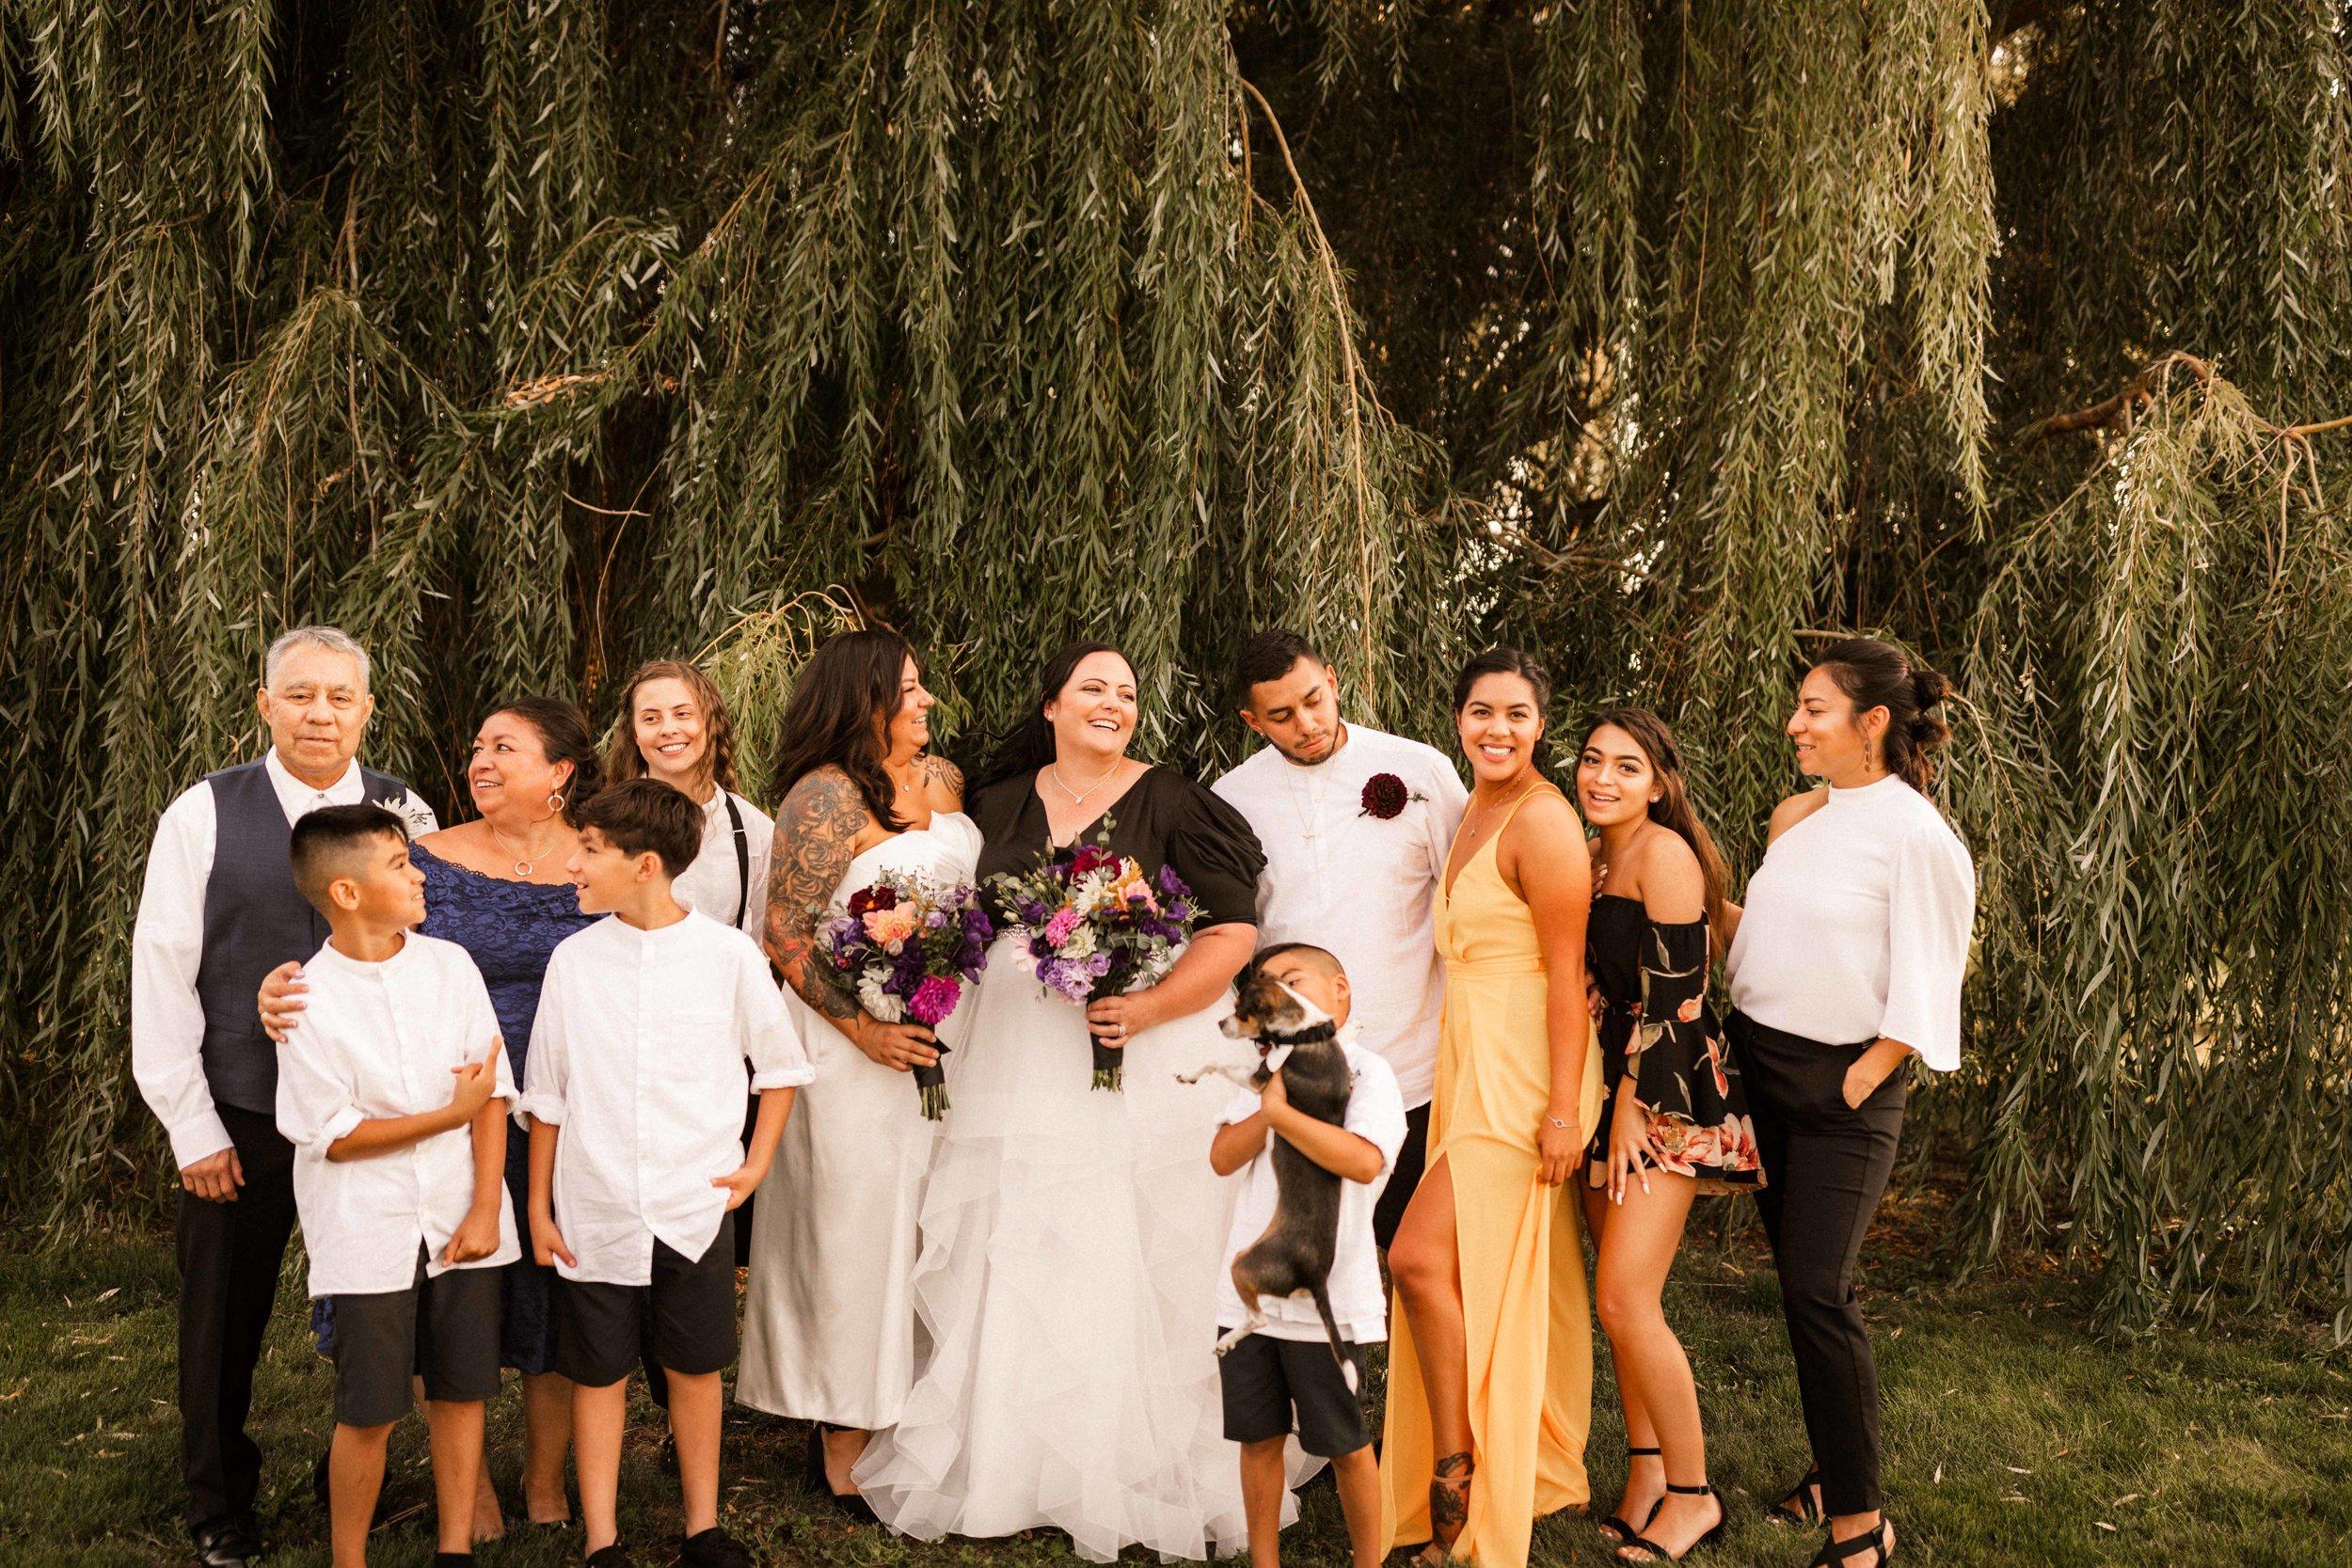 pasco-wedding-photos-39.jpg